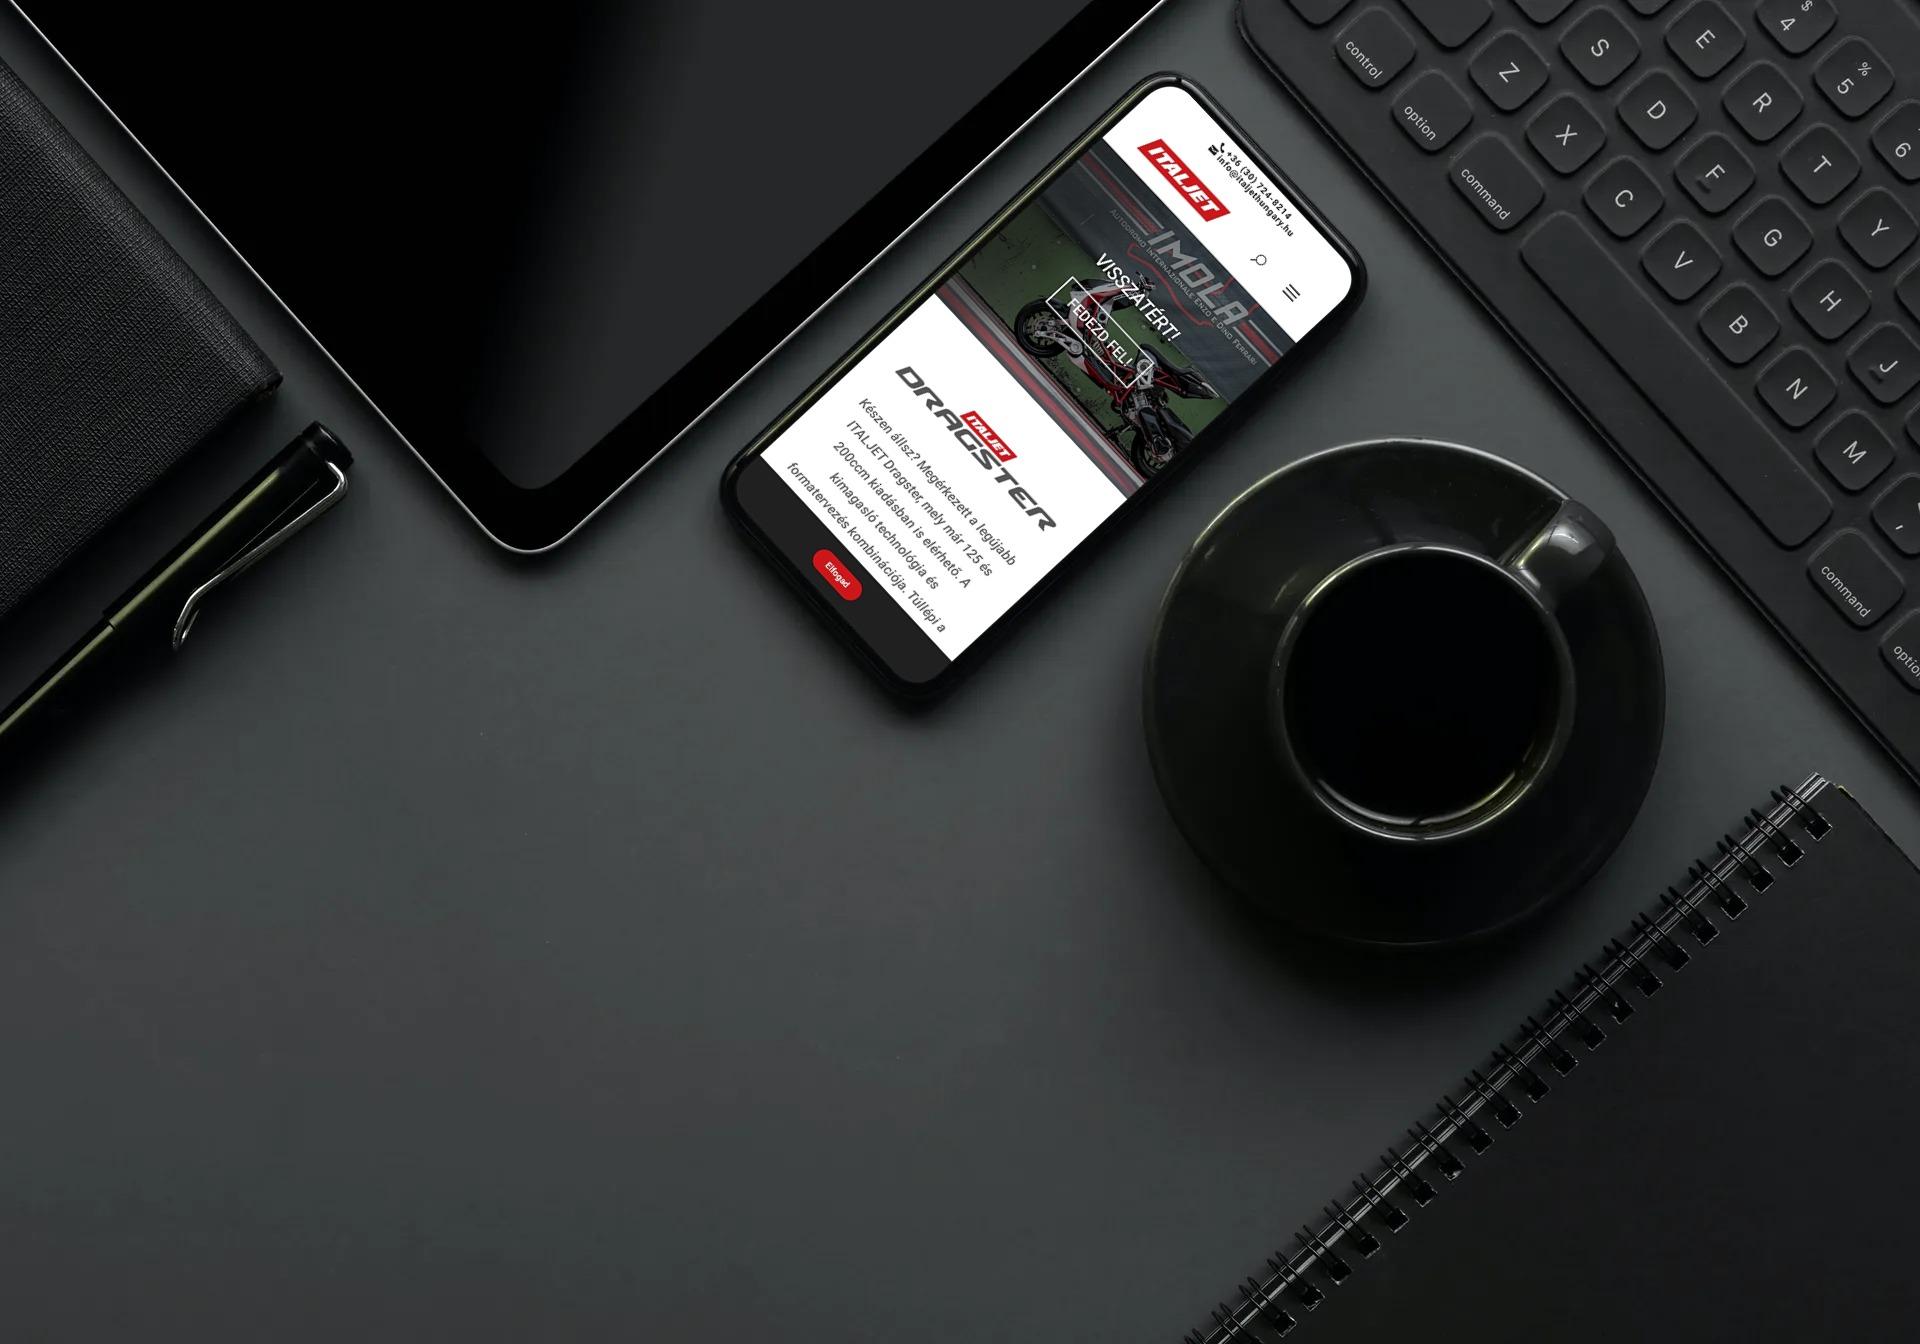 Italjethungary.hu weboldal megjelenése iPhone-on